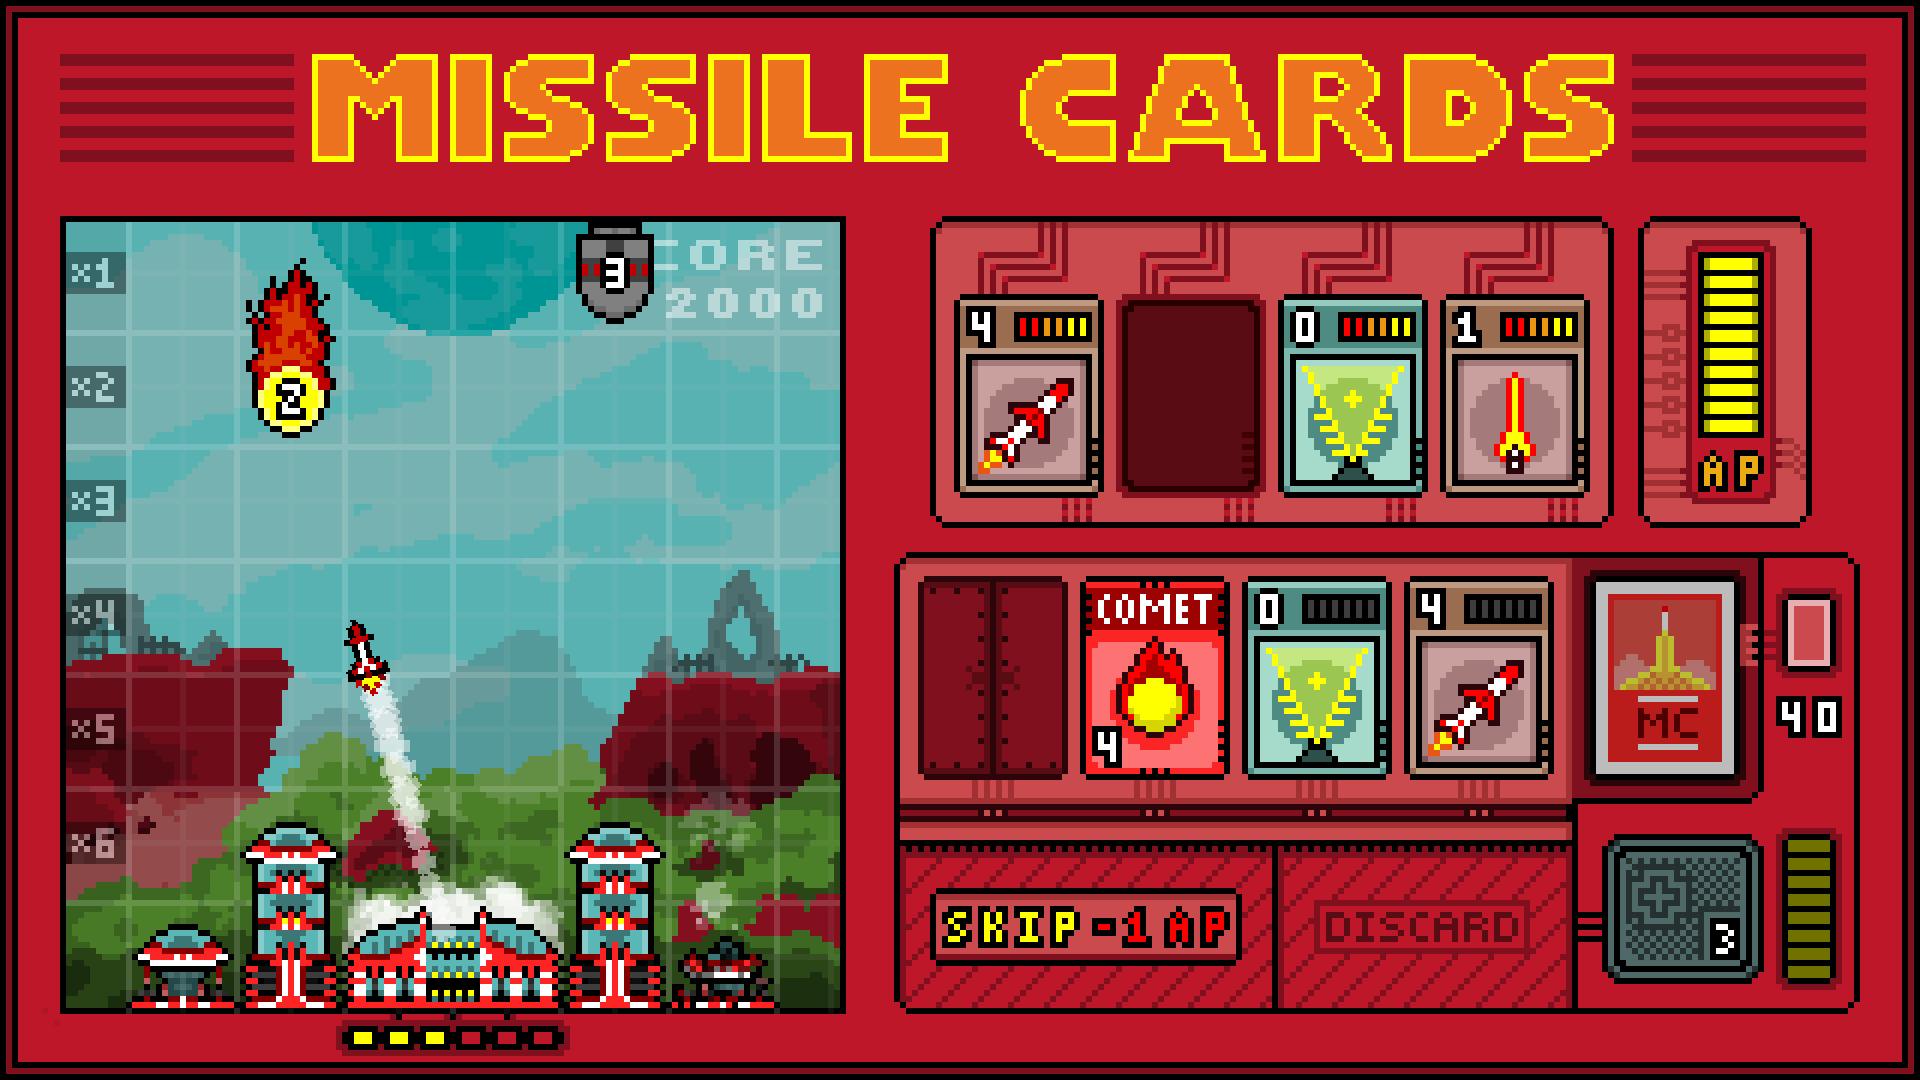 image1-Missile-cards-blogpost-0726.png